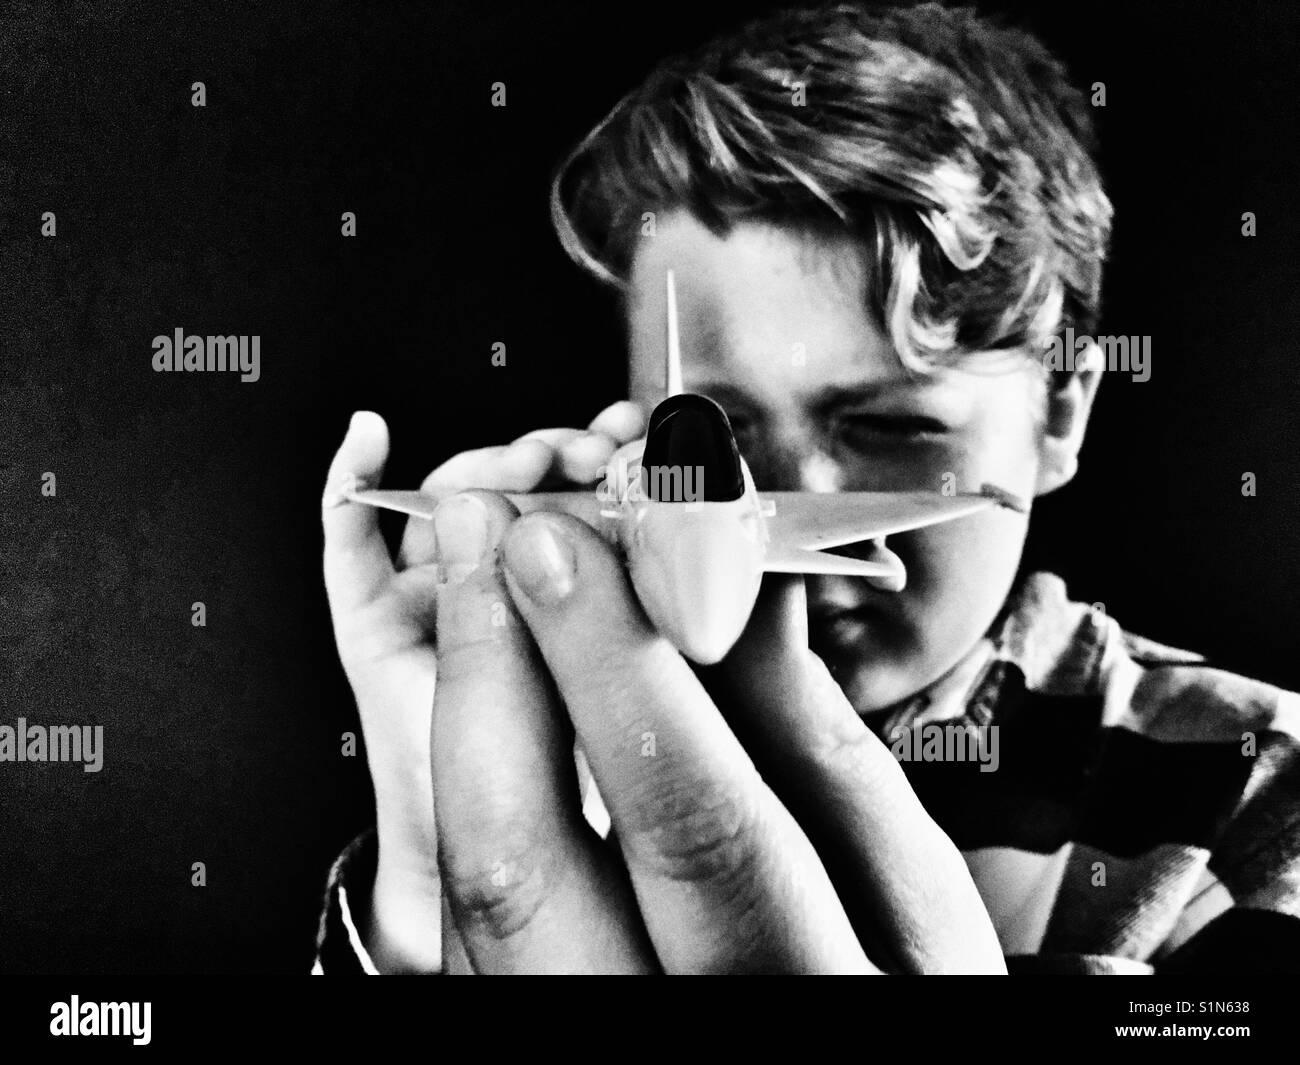 Garçon jouant avec modèle réduit d'aéronef Photo Stock